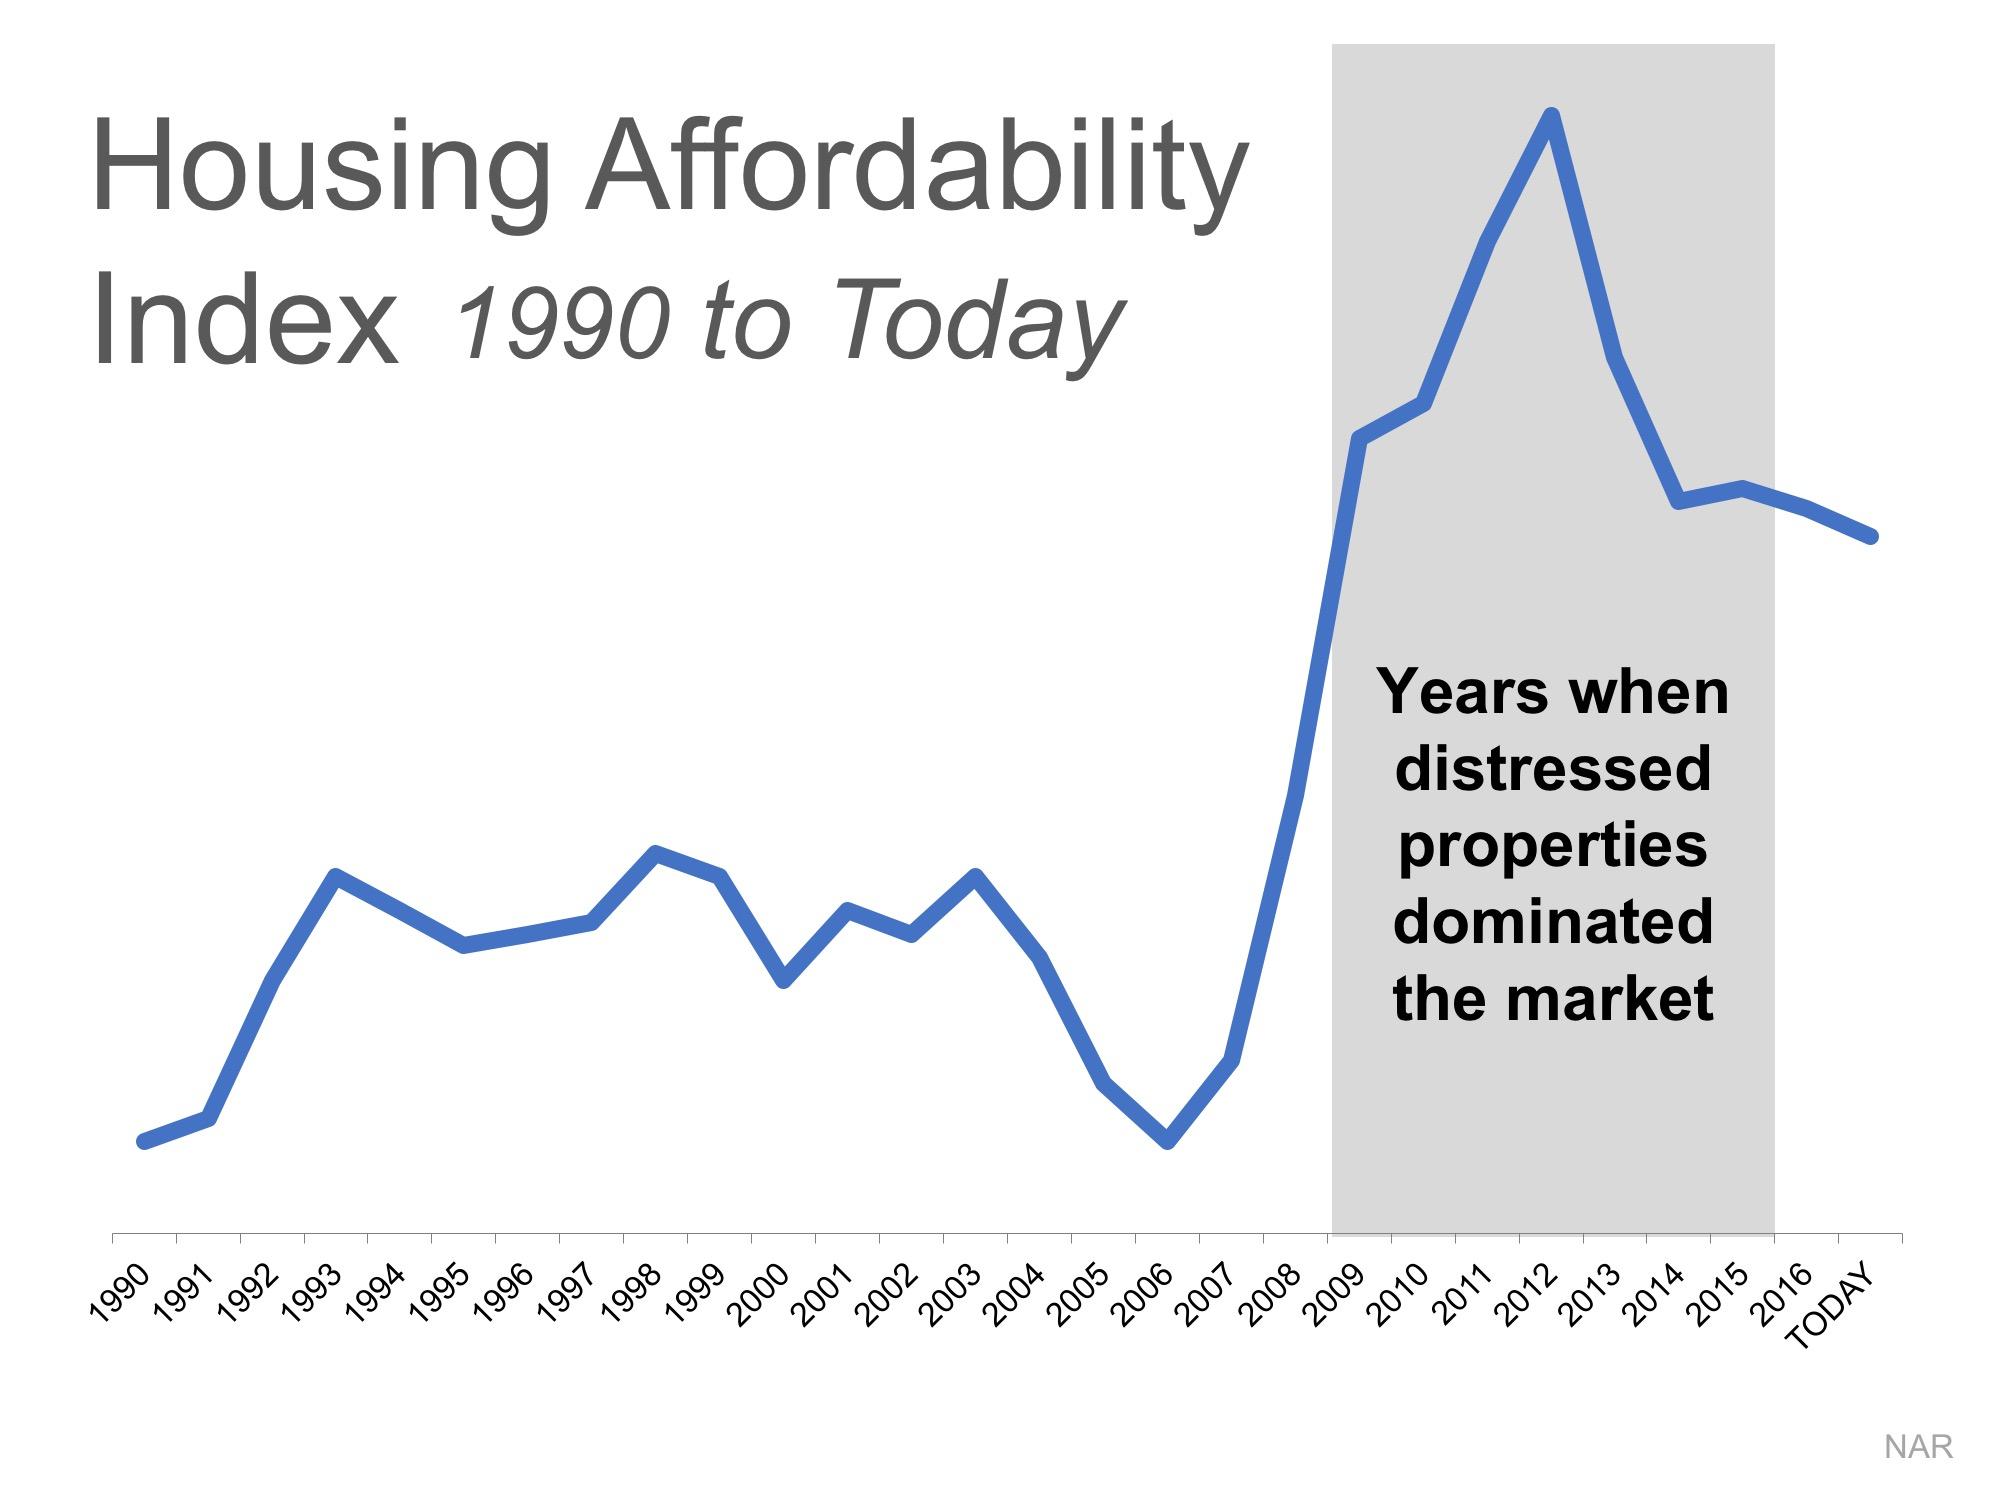 baton rouge housing affordability chart